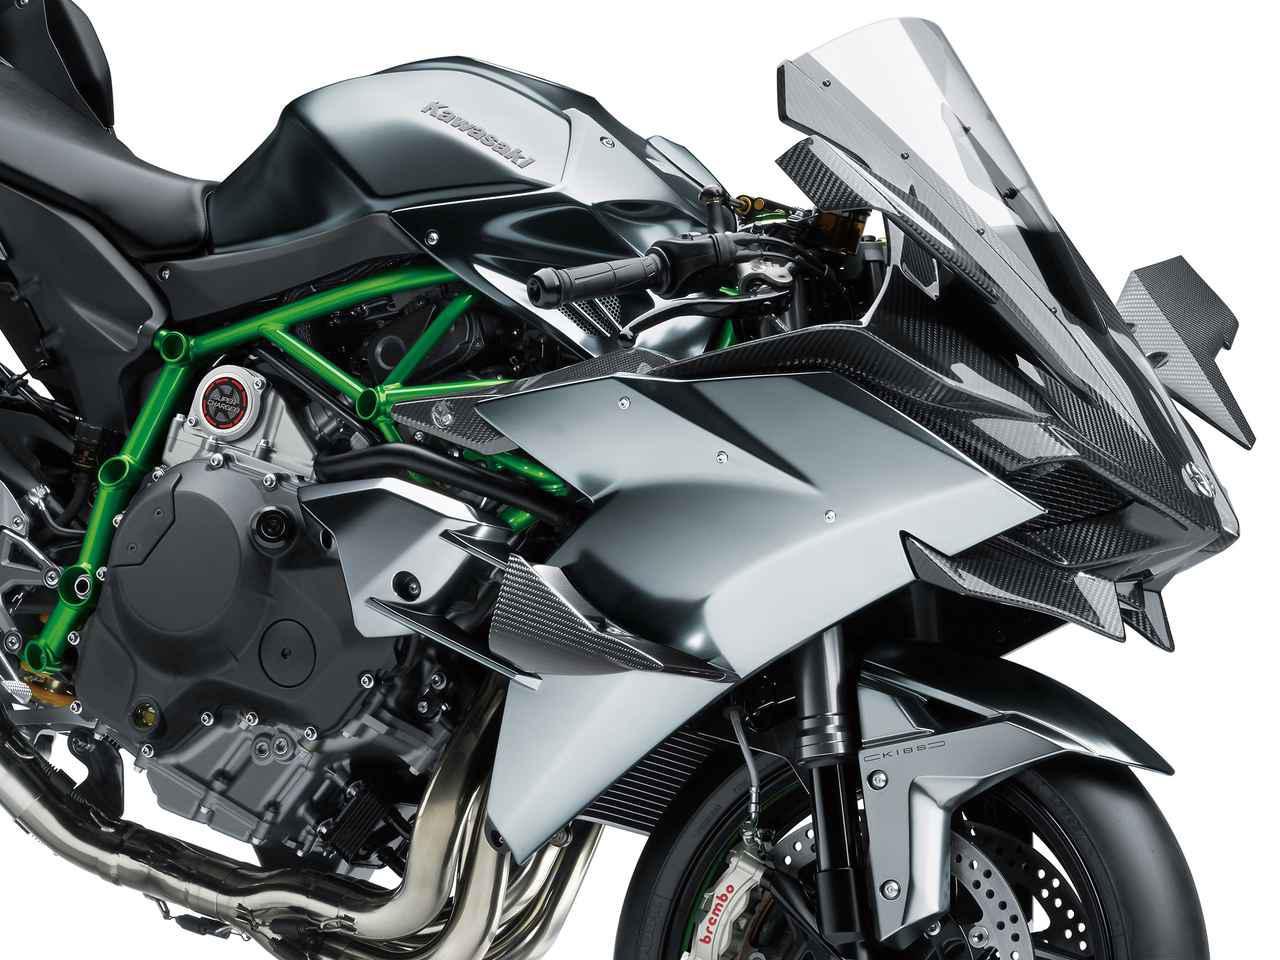 画像: カワサキが2020年モデルの「Ninja H2R」を受注生産で特別販売!受付期間は2019年11月15日~12月13日 - webオートバイ